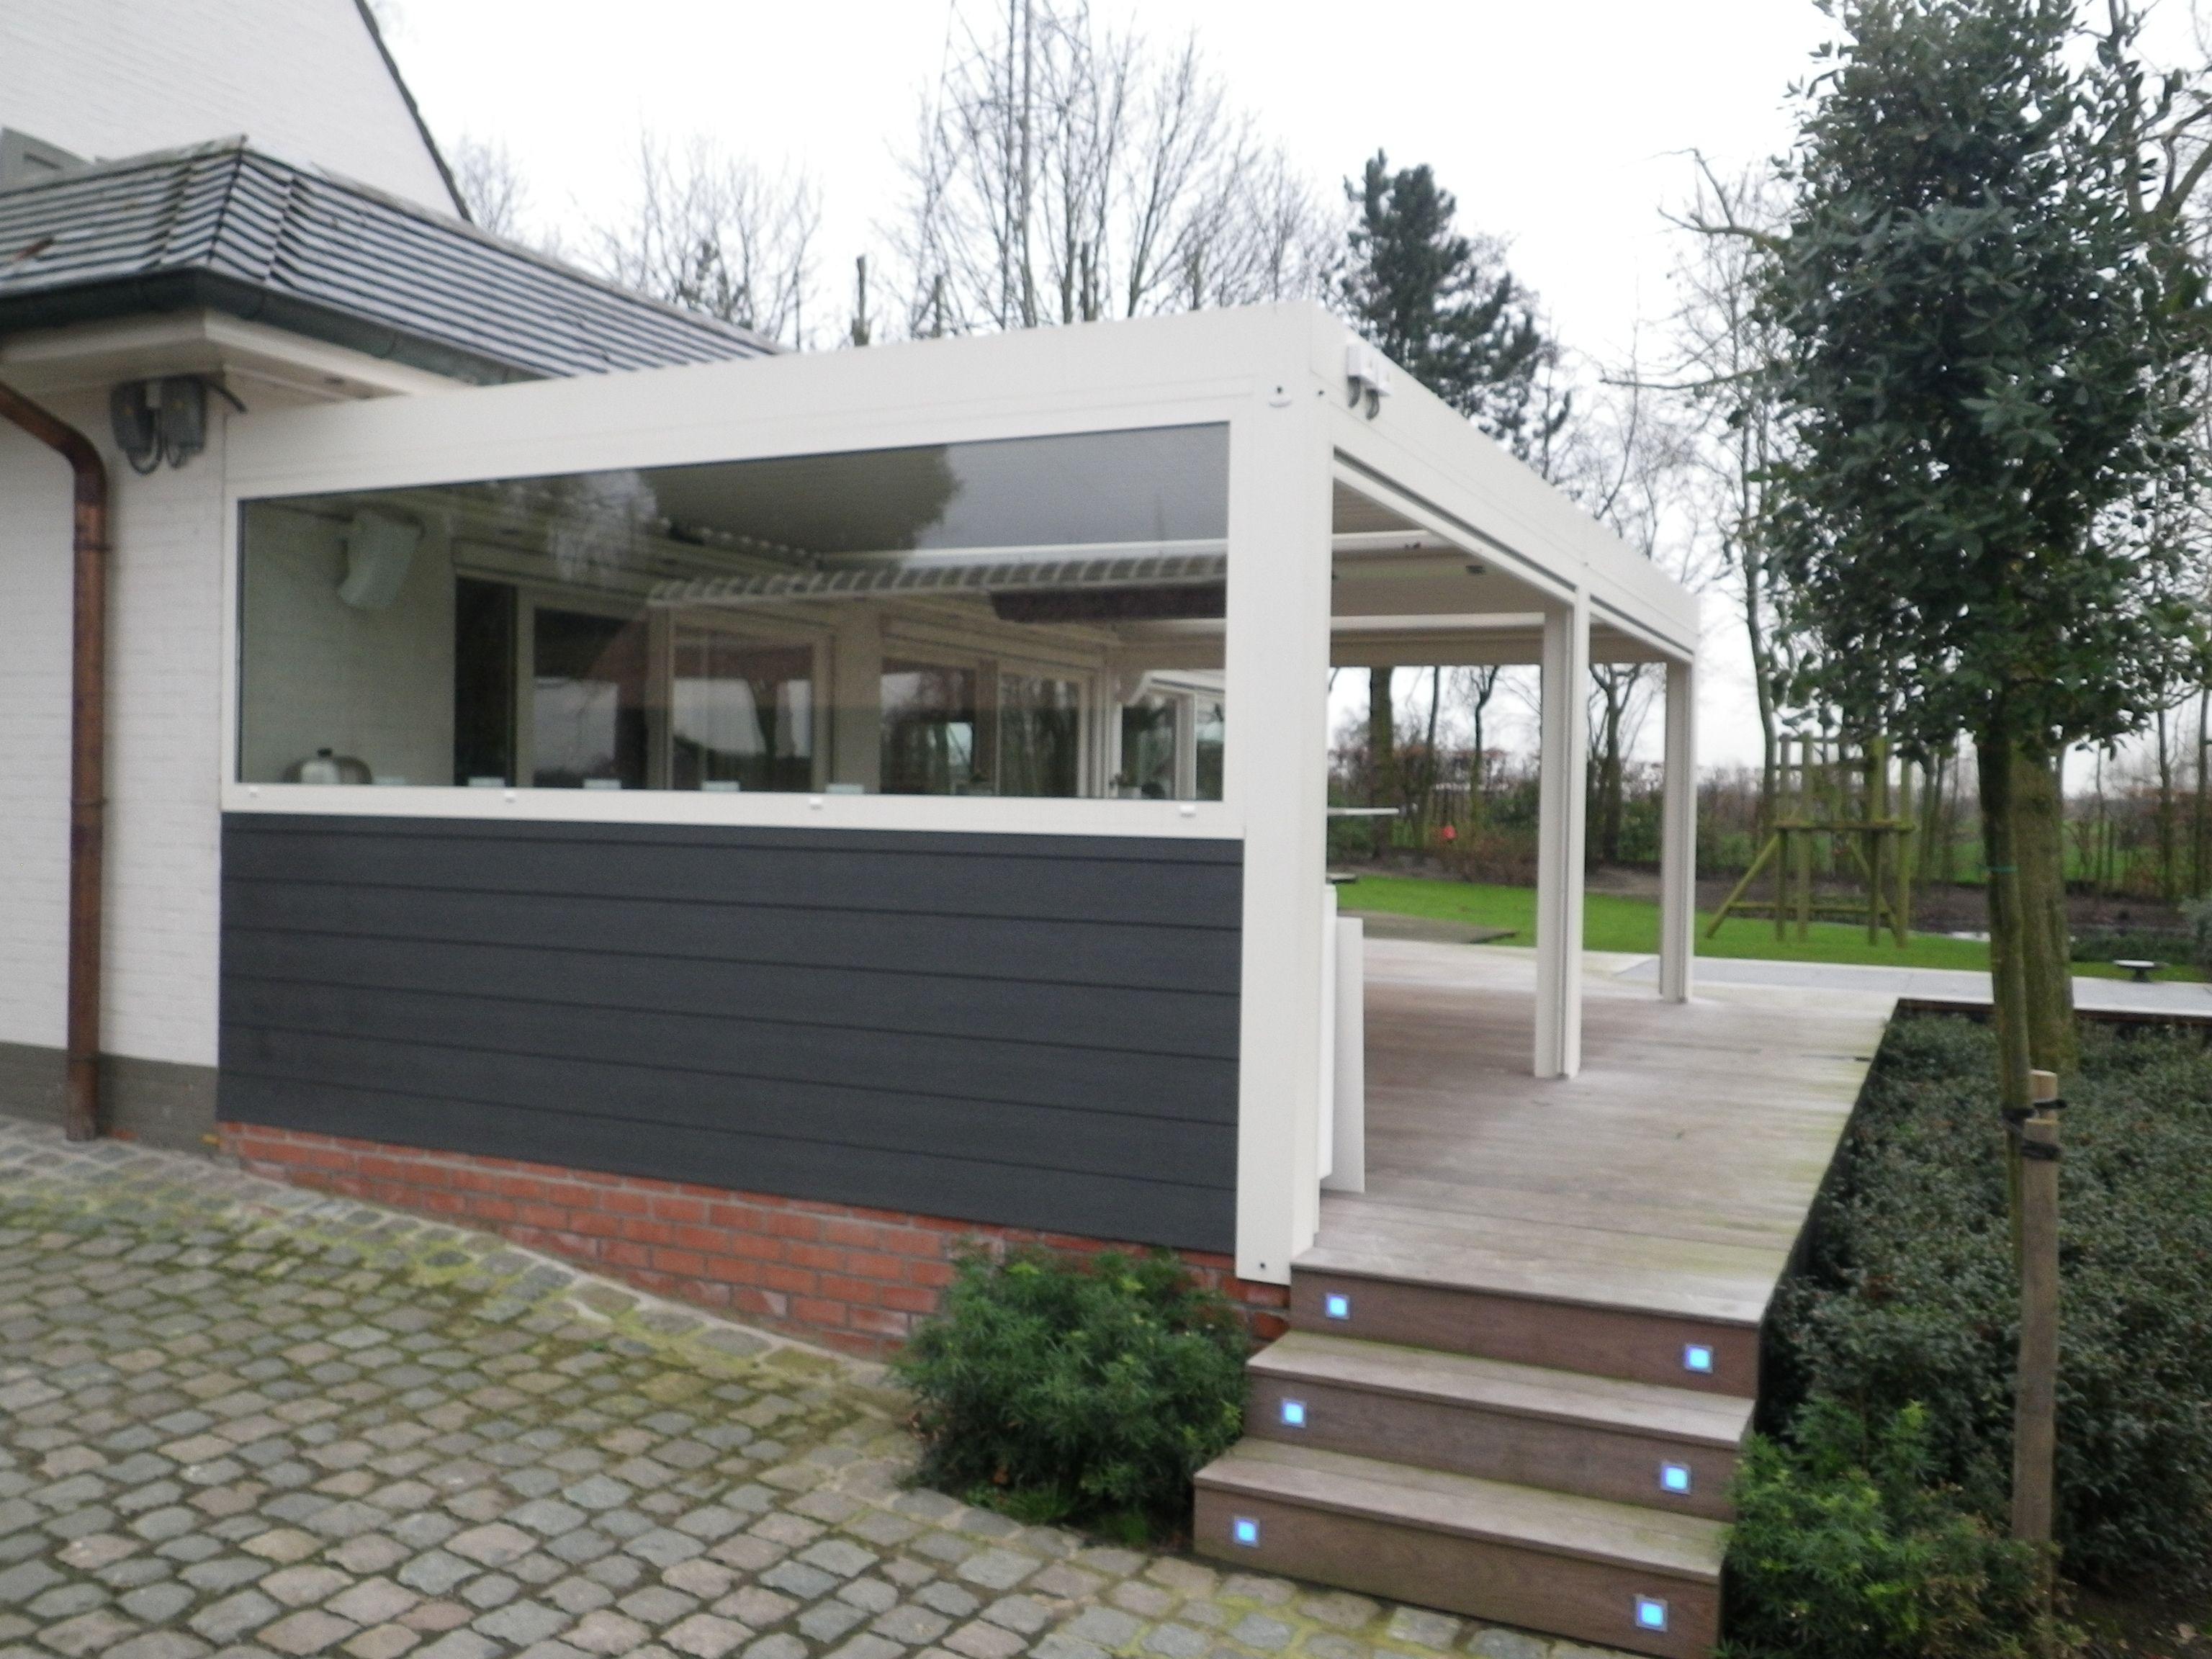 biossun benelux project terrasoverkapping pergola couverture de terrasse met avec doorzichtige. Black Bedroom Furniture Sets. Home Design Ideas